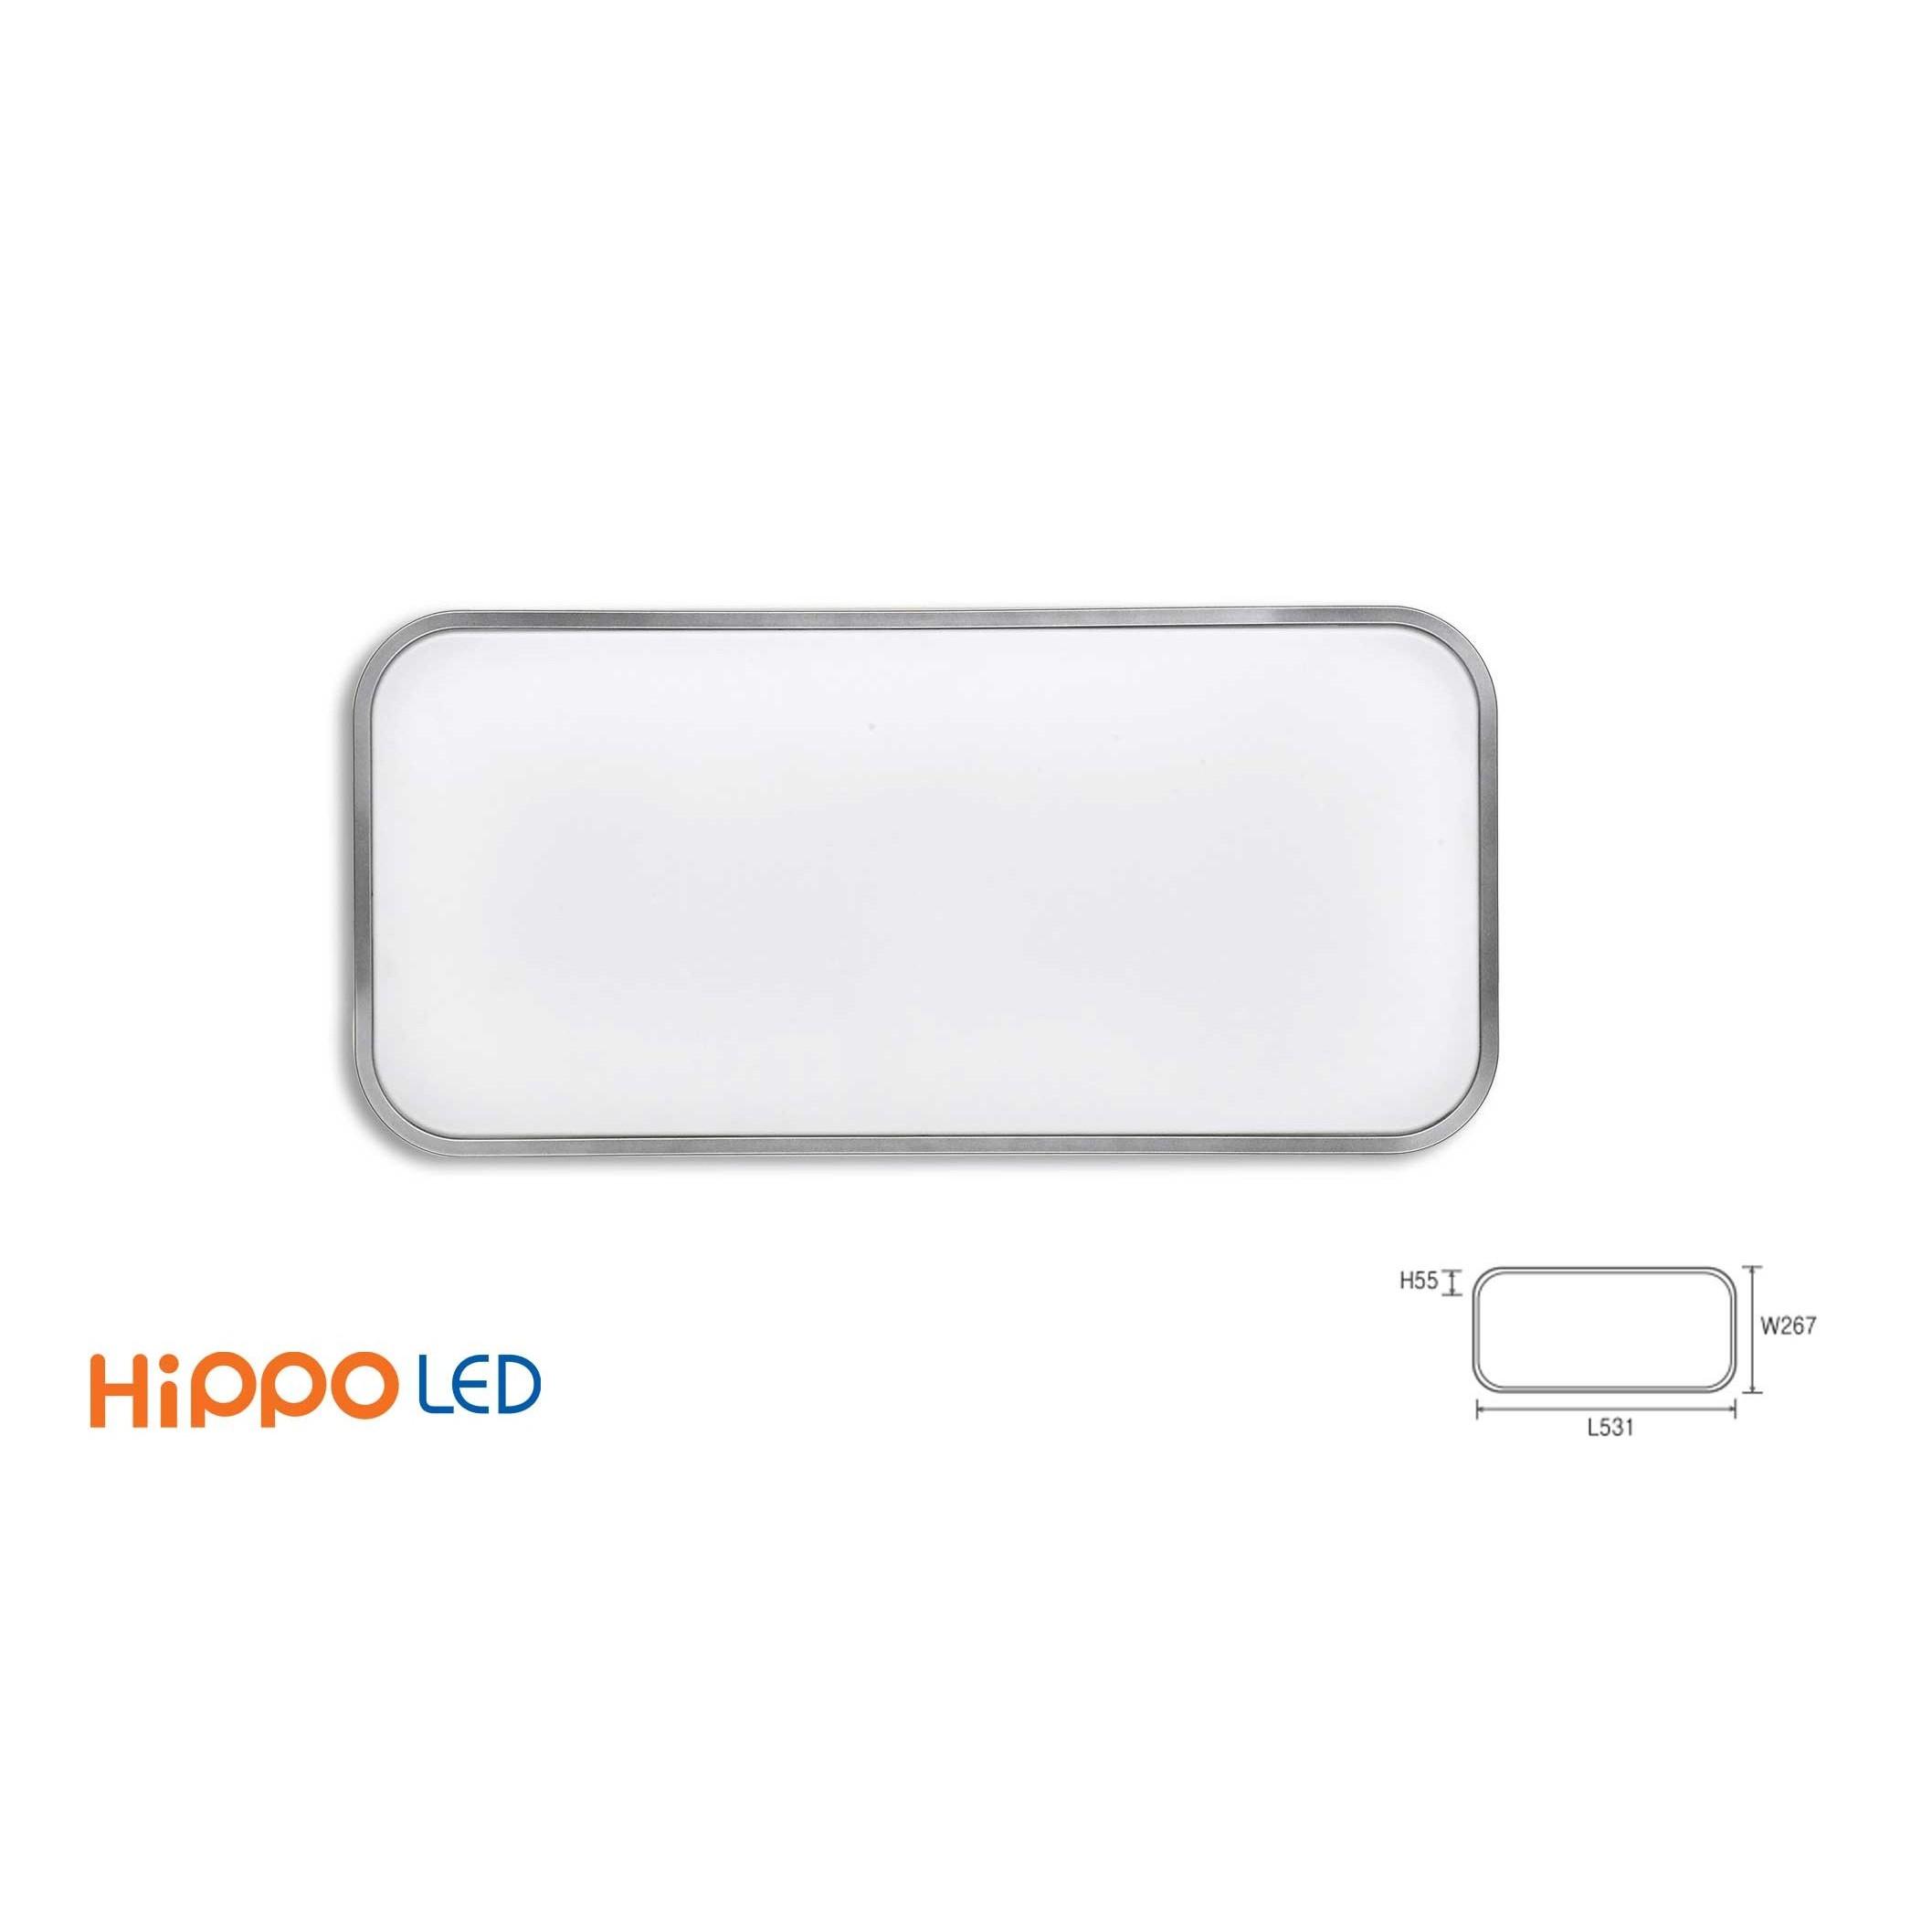 Đèn Led Tấm Ốp Trần Hippo Hàn Quốc Chữ Nhật DLR-228 (25W) - Ánh sáng trắng  - Đèn trần Thương hiệu Hippo LED